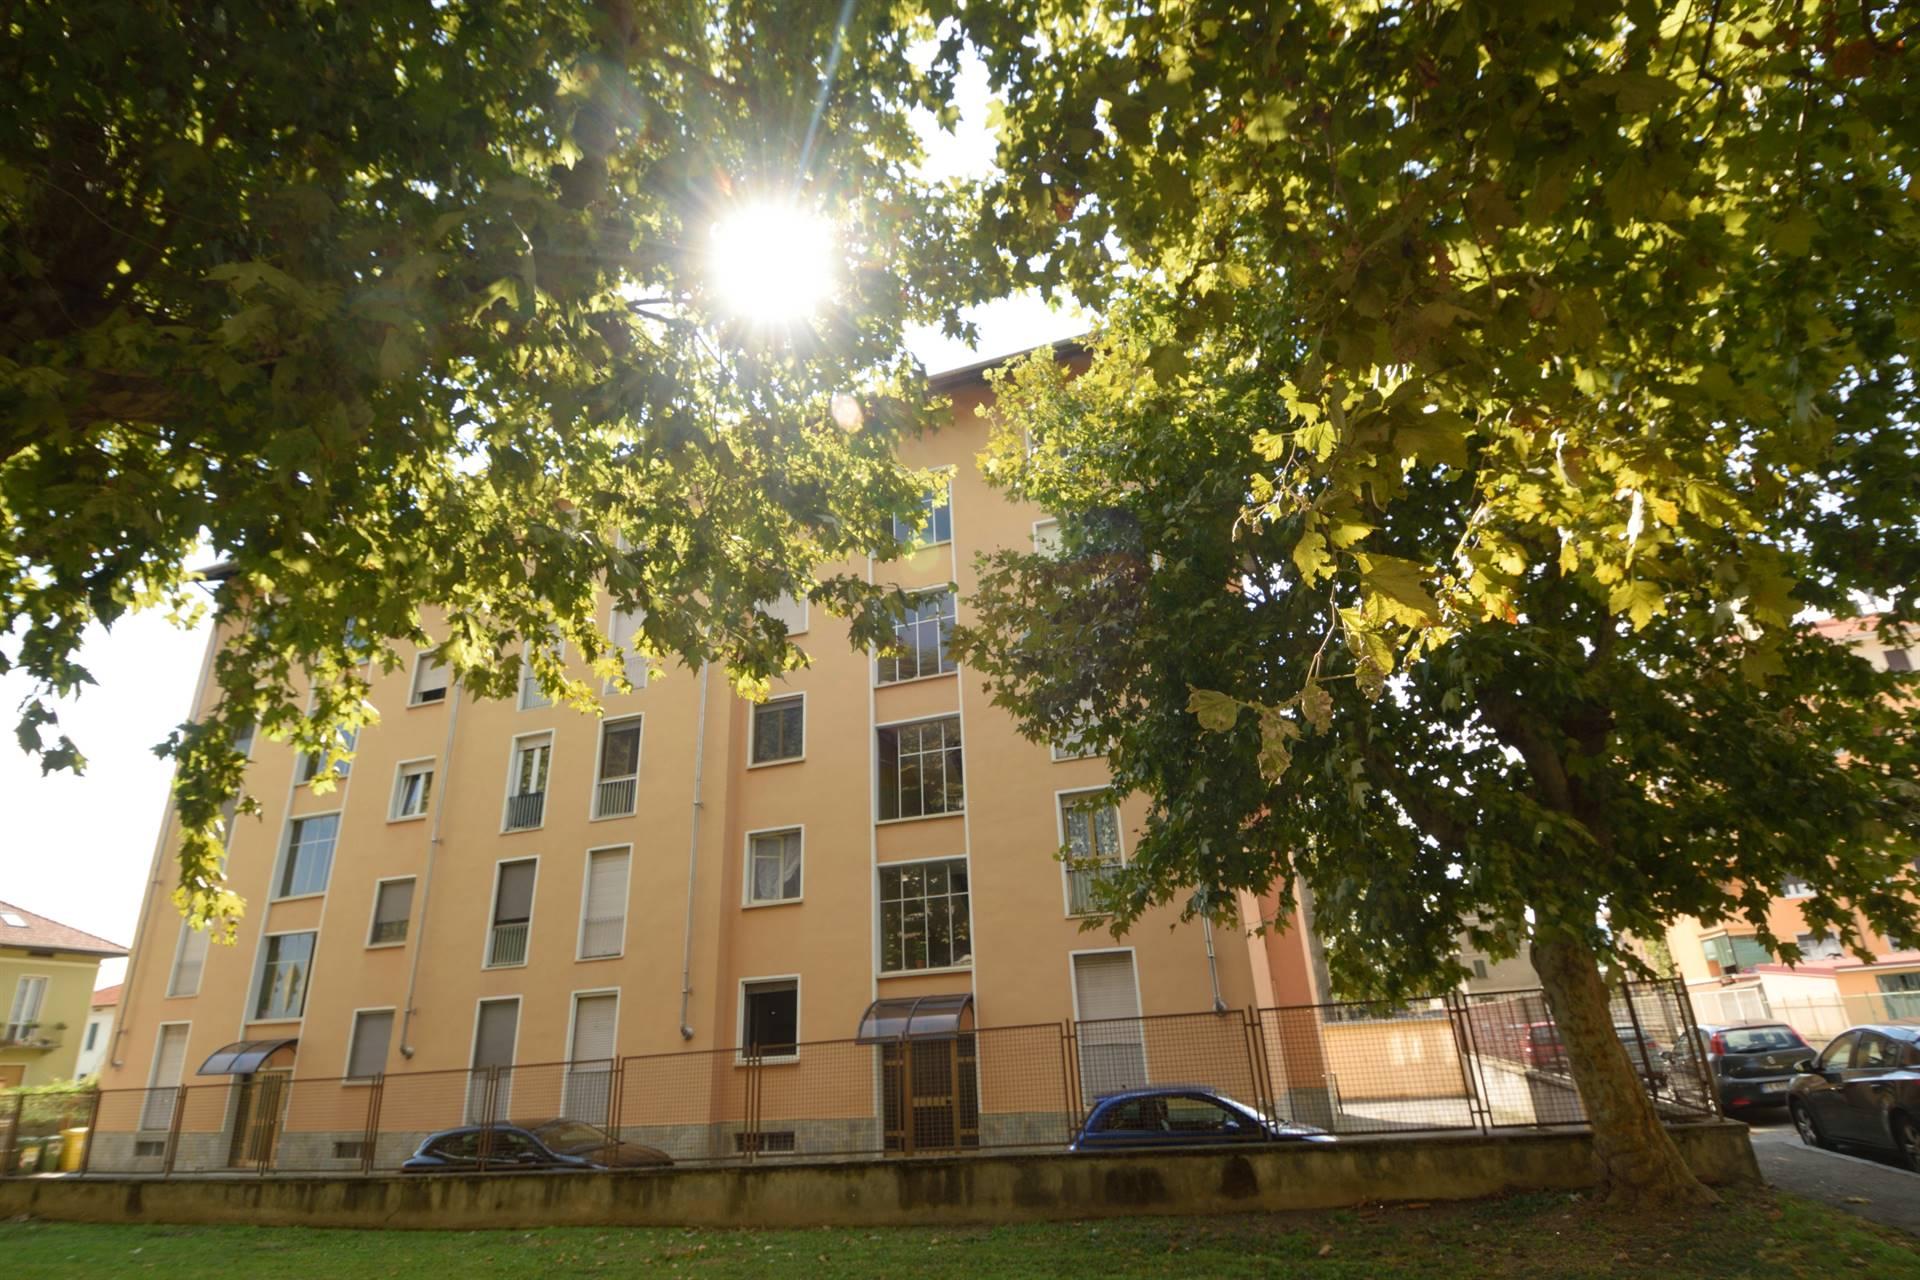 Appartamento in vendita a Biella, 4 locali, zona Località: PRESSI VIA ROSSELLI, prezzo € 55.000 | PortaleAgenzieImmobiliari.it